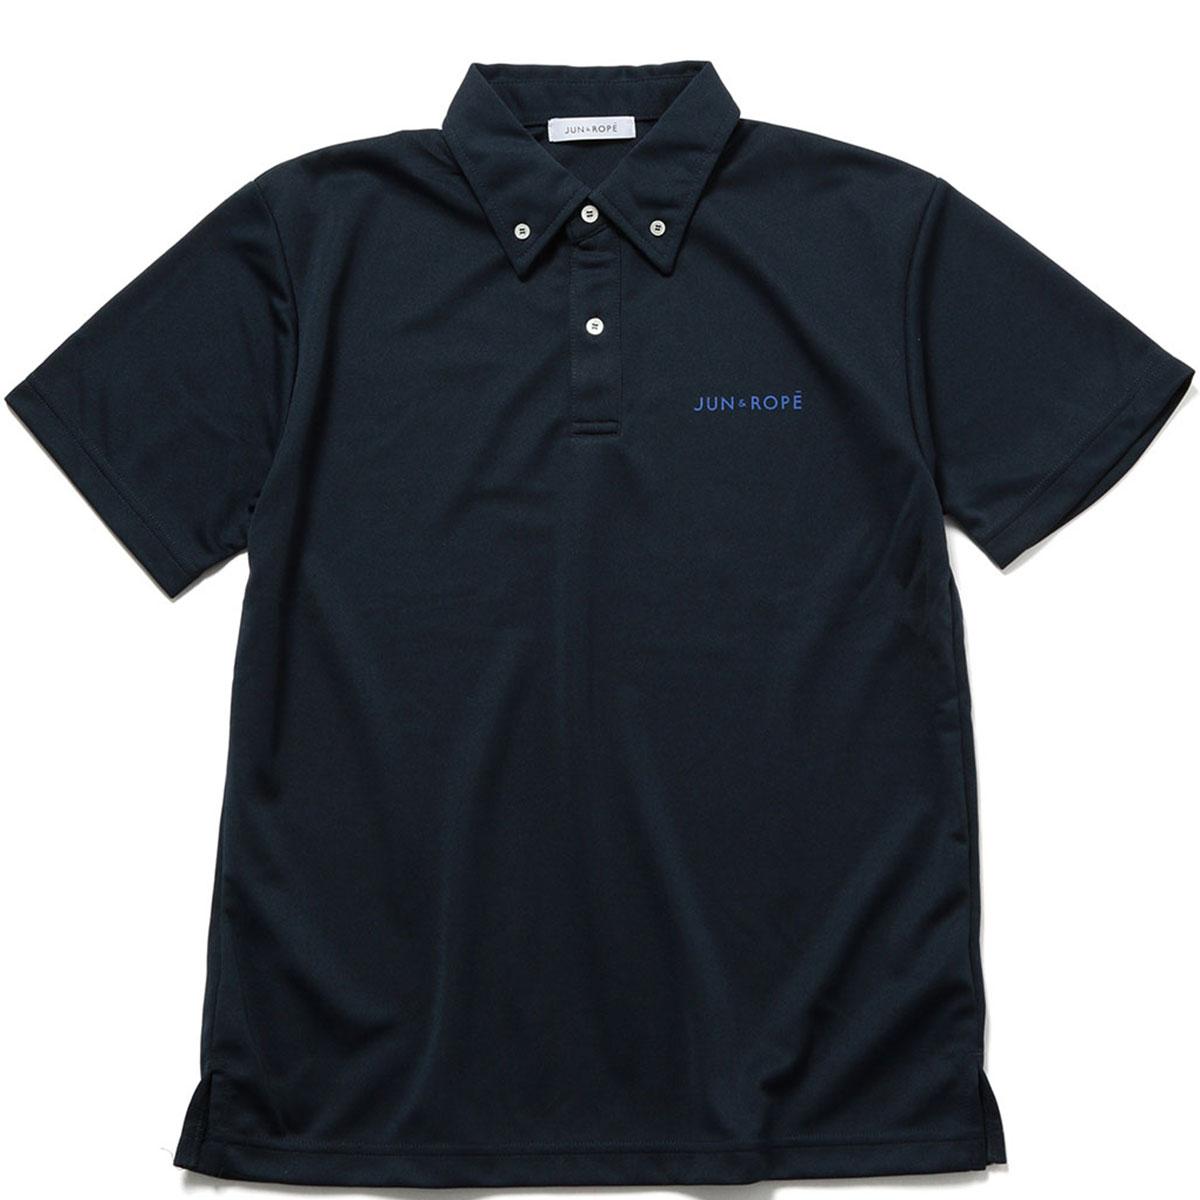 バックプリントボタンダウン半袖ポロシャツ